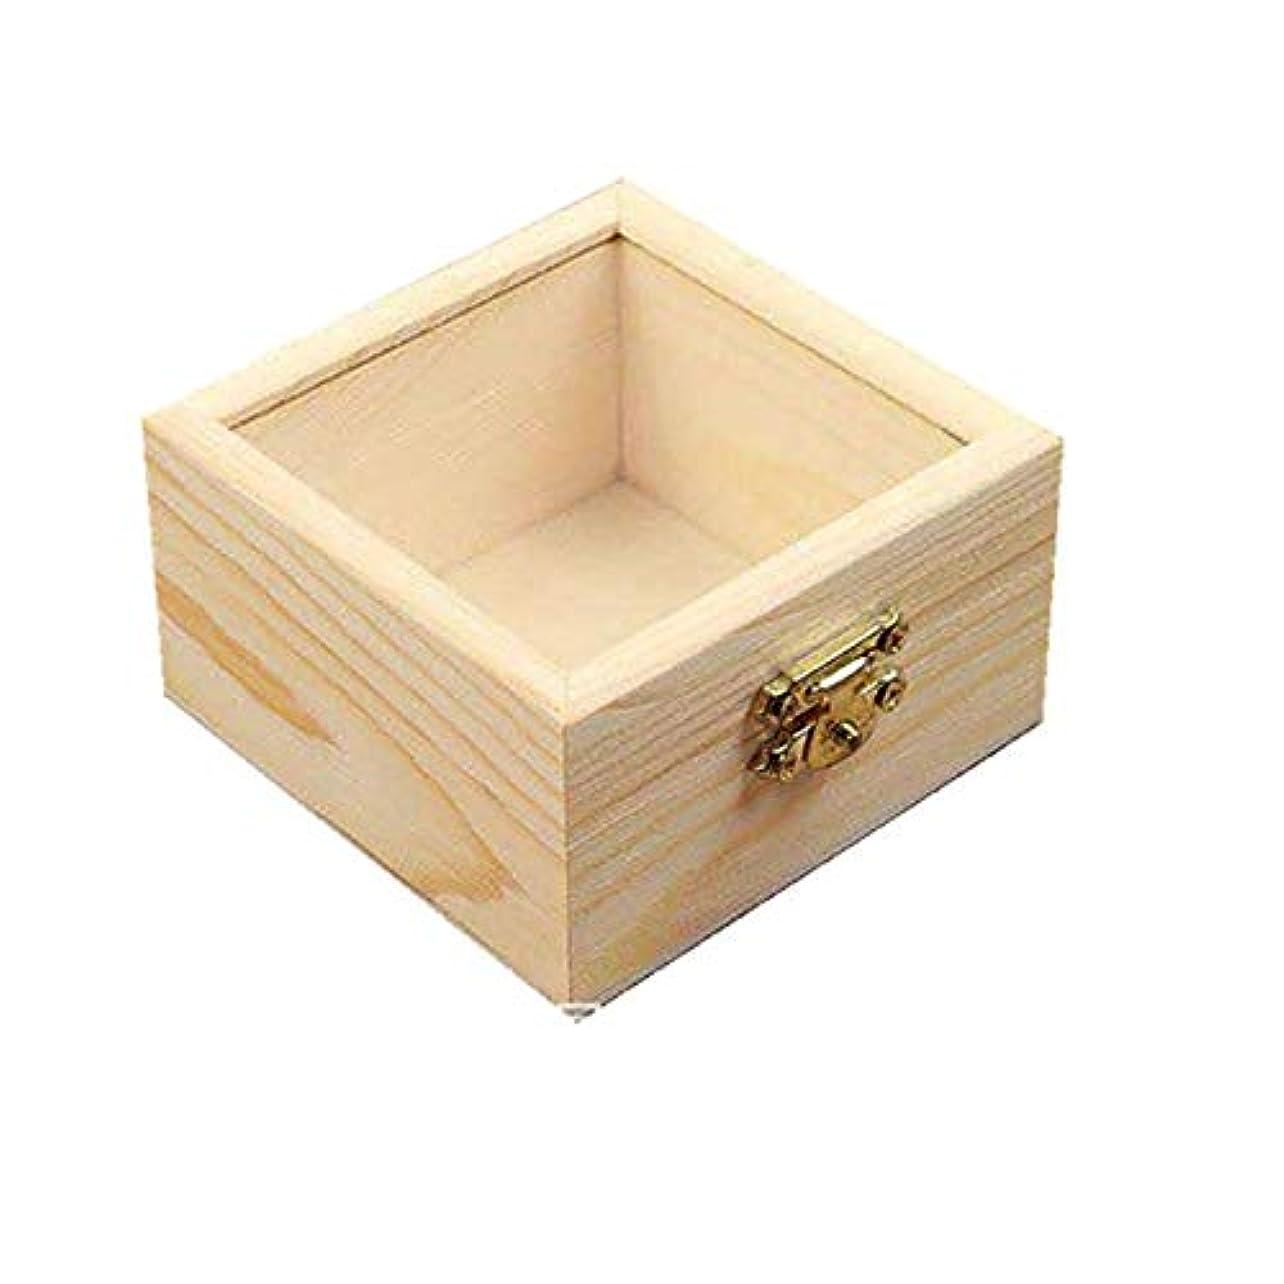 アンソロジースライス本を読むエッセンシャルオイルの保管 プレゼンテーション用木製エッセンシャルオイルボックスパーフェクトエッセンシャルオイルケース (色 : Natural, サイズ : 8.5X8.5X5CM)